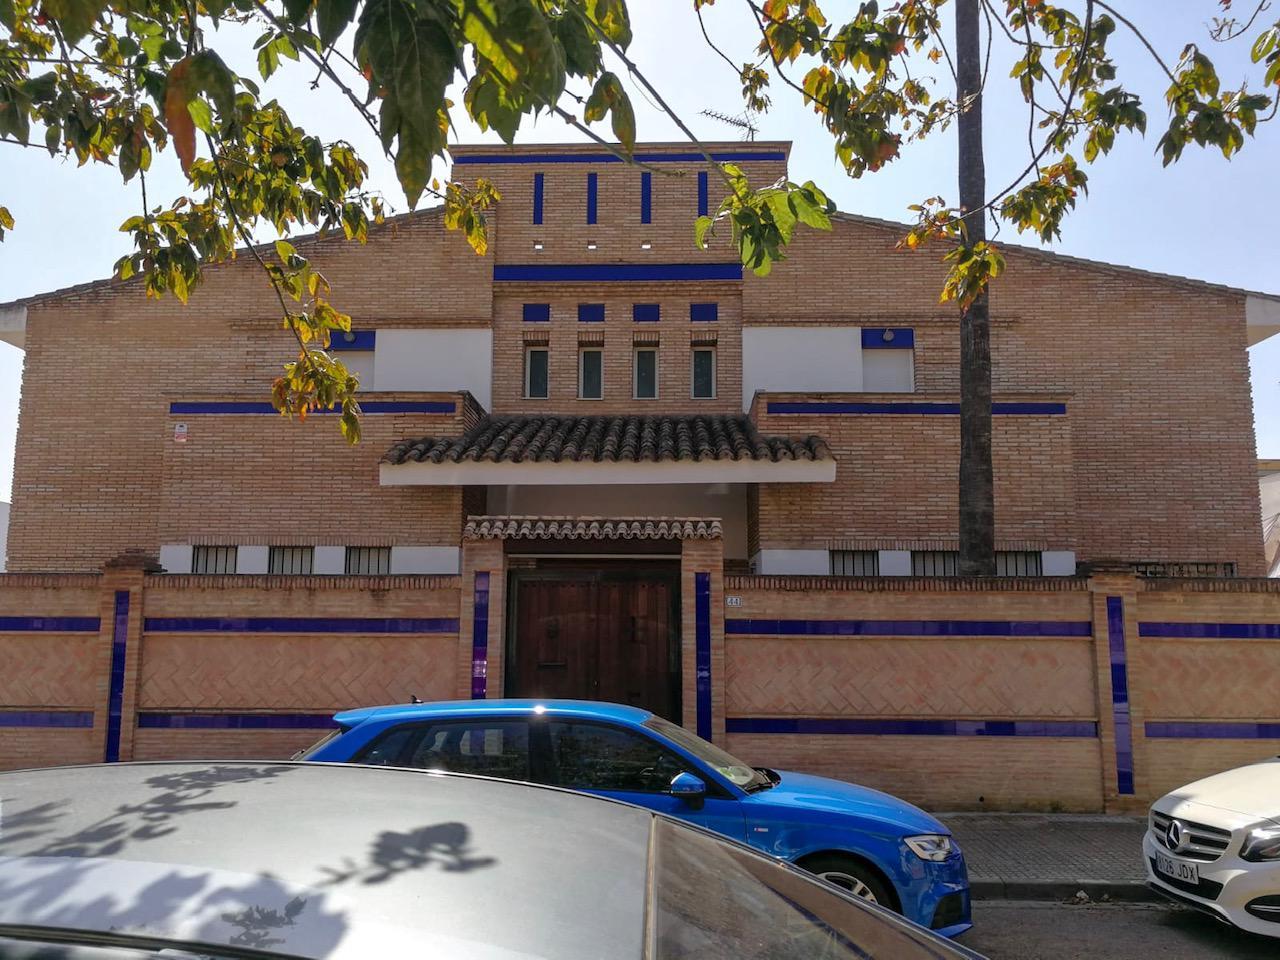 Casa / Chalet en venta en Bormujos de 388 m2